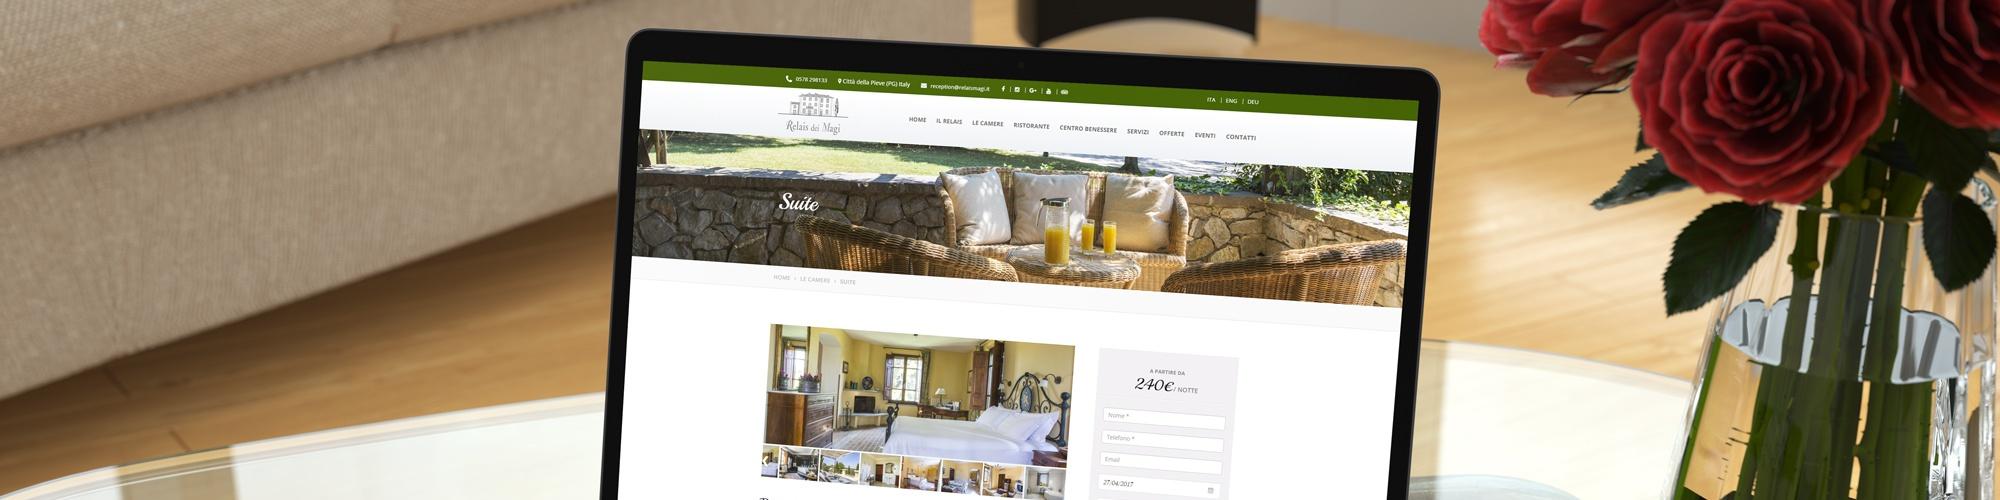 Realizzazione siti web per hotel e strutture alberghiere